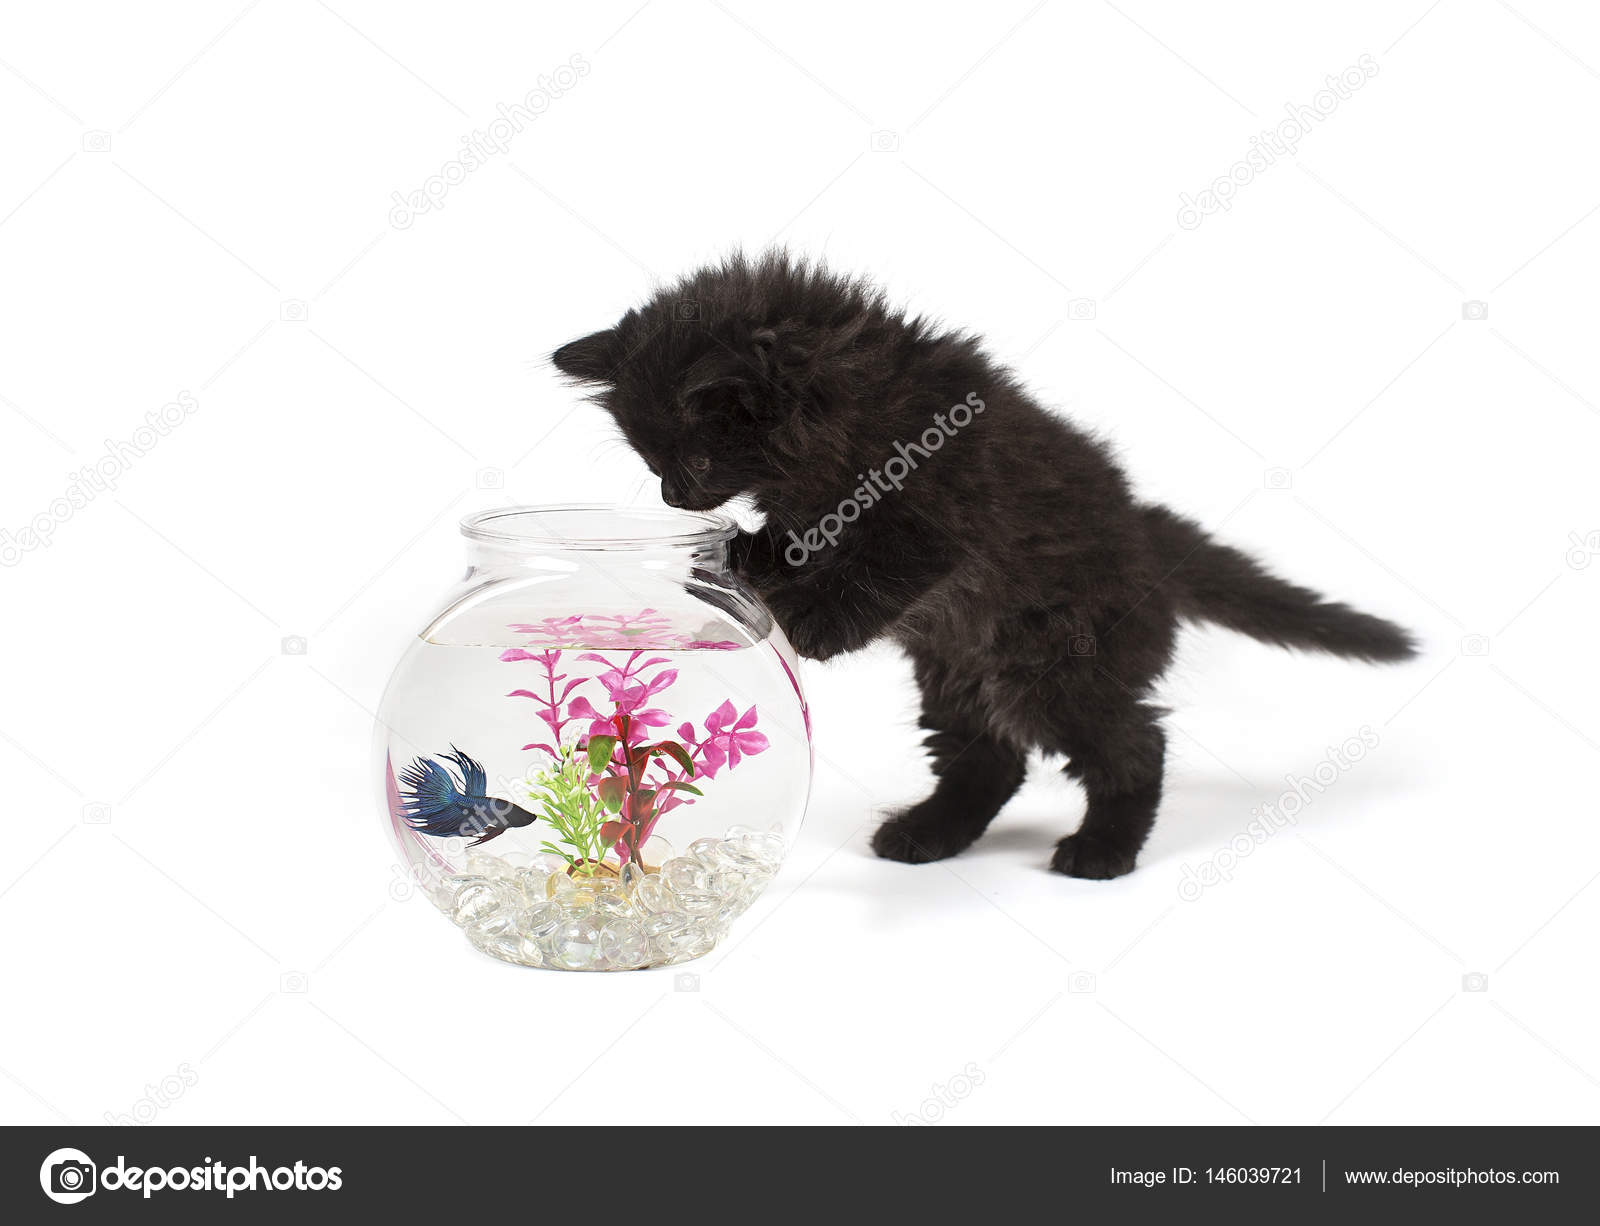 Gatito jugando con peces betta en taz n de fuente foto for Fuentes con peces